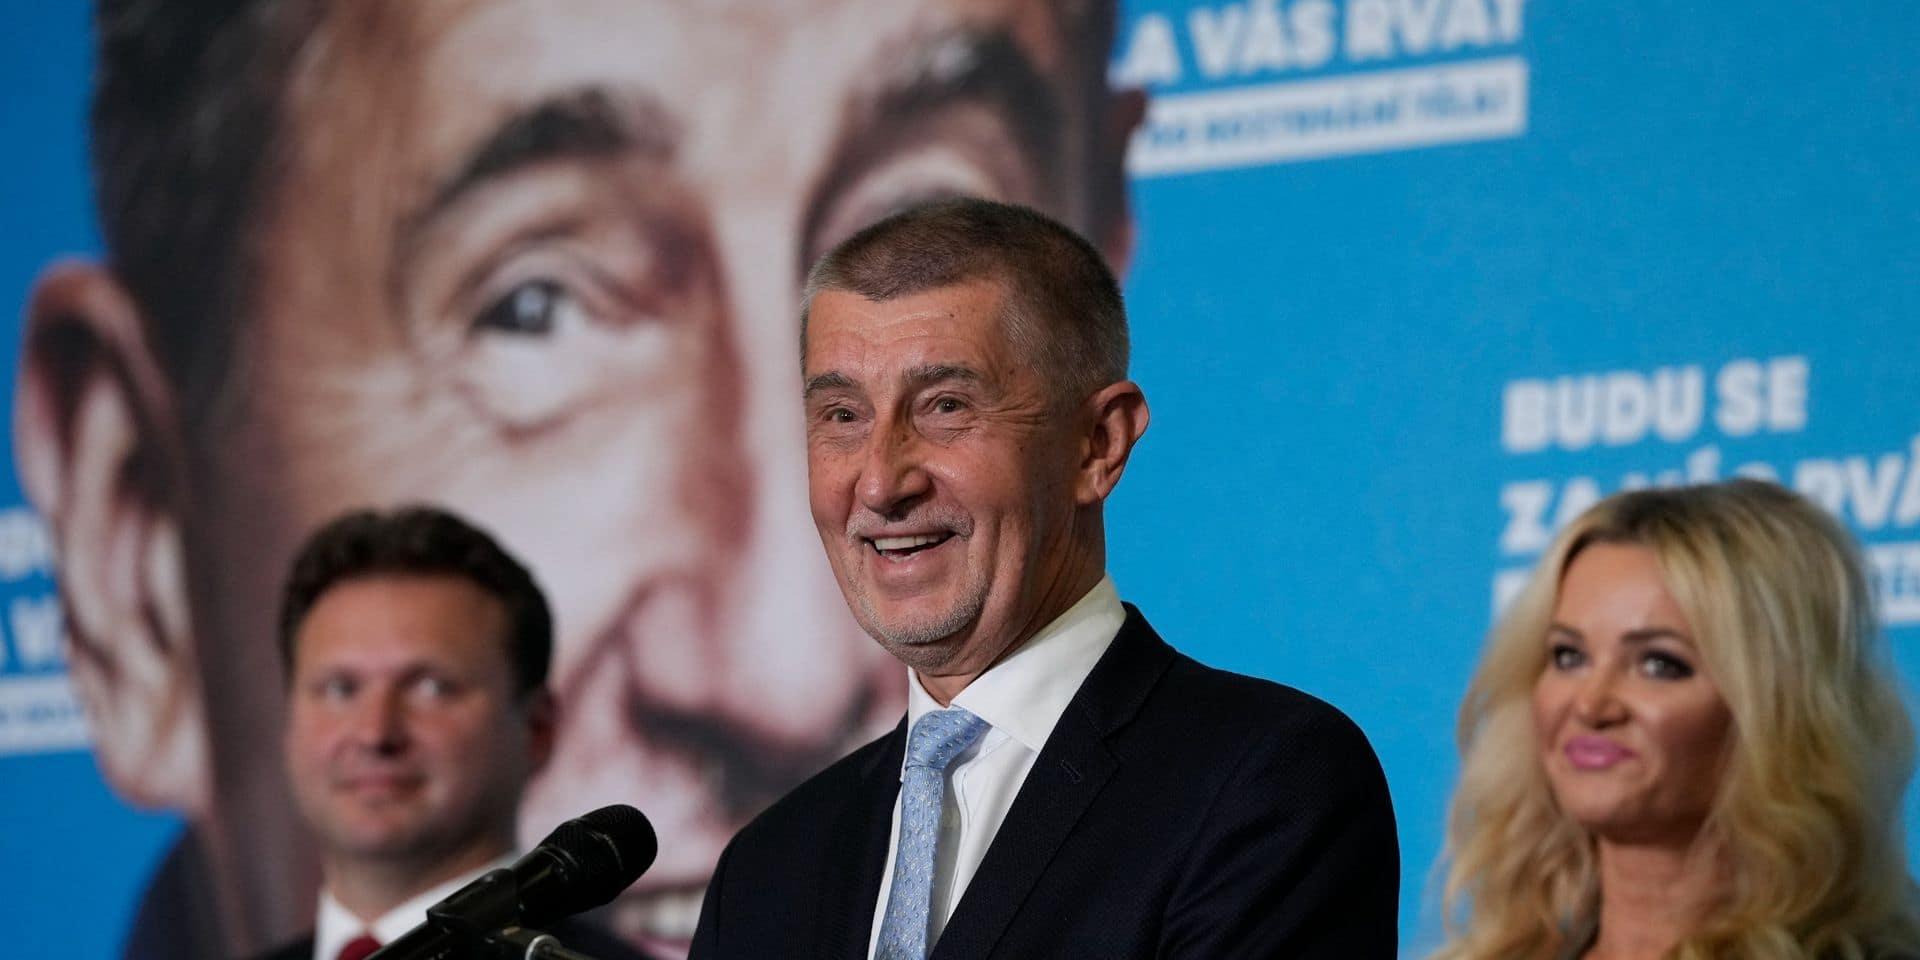 Retournement de situation aux législatives tchèques : défaite du Premier ministre Andrej Babiš, d'abord annoncé vainqueur